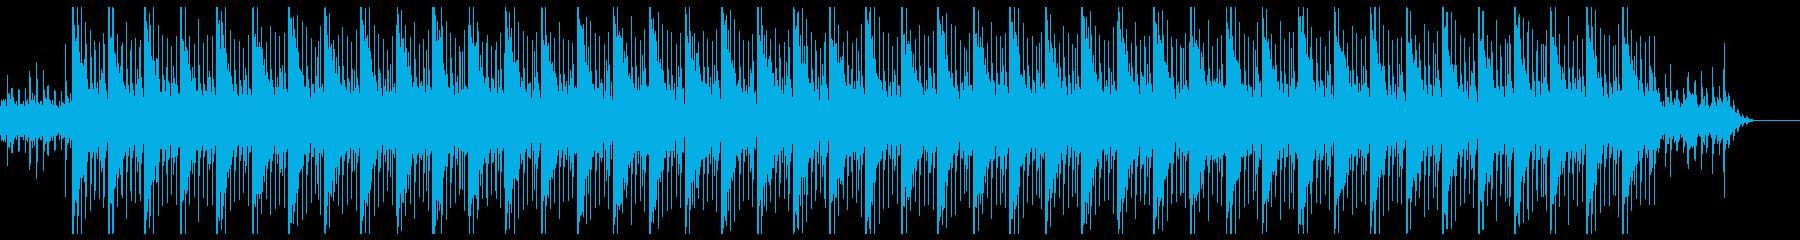 ピアノが弾ける朝の目覚めに似合うポップスの再生済みの波形